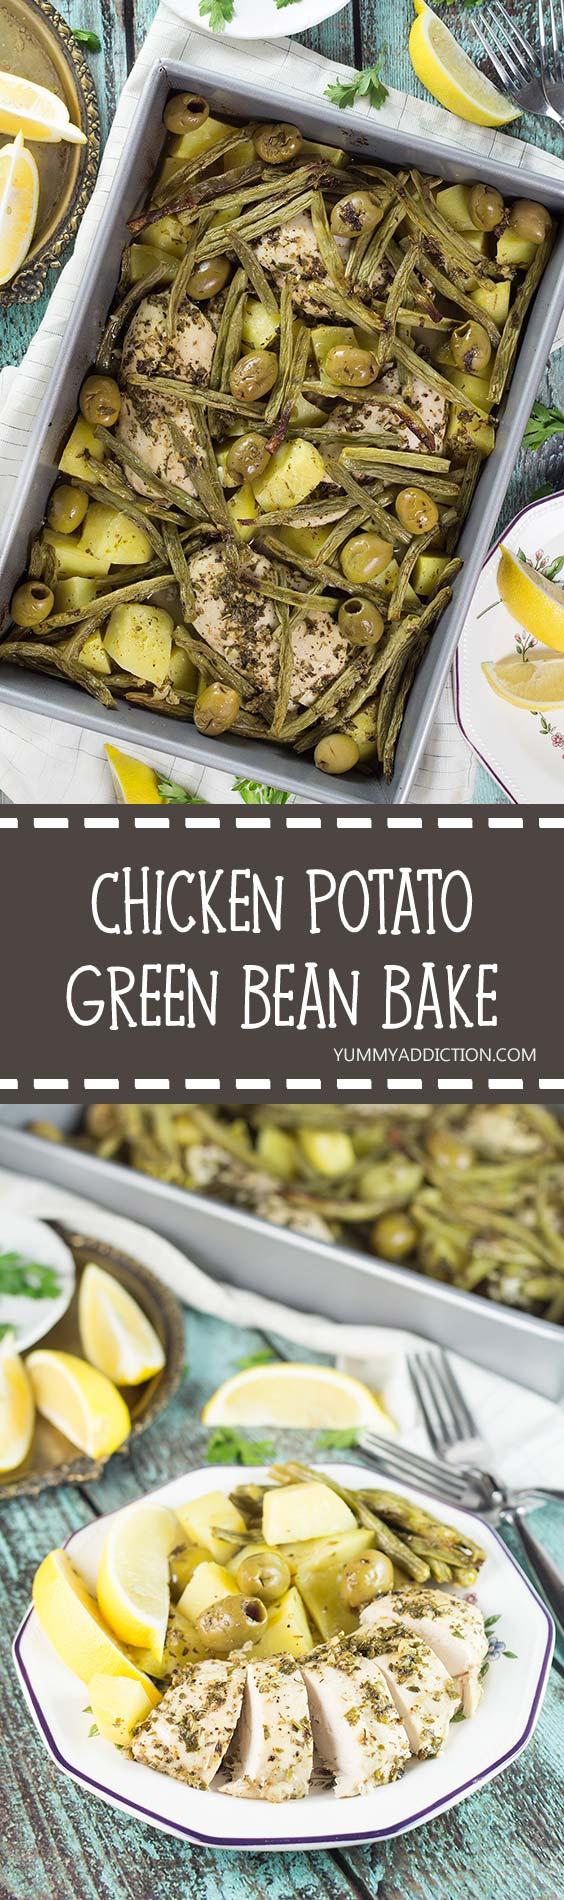 http://yummyaddiction.com/wp-content/uploads/2016/11/chicken-potato-green-bean-bake-2.jpg